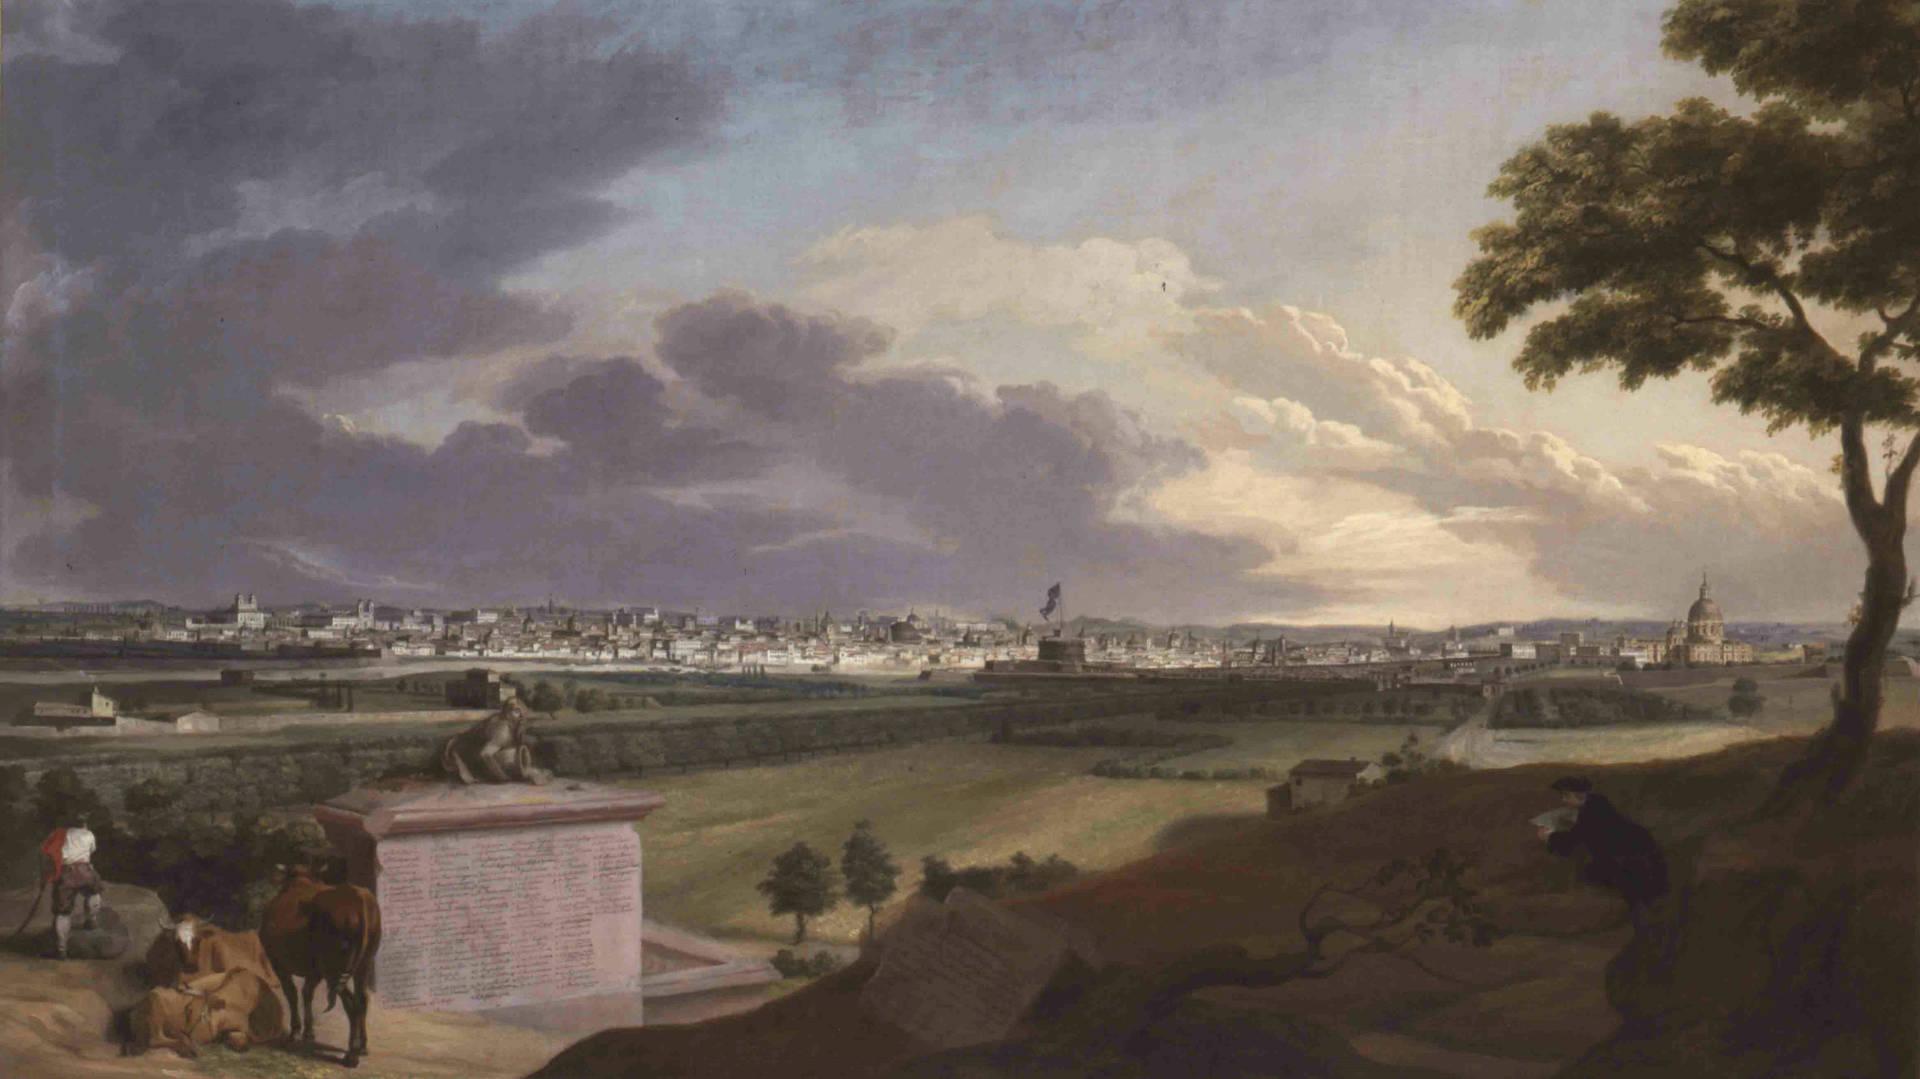 Jacob Wilhelm Mechau: Romansicht, vom Monte Mario aus gesehen, Öl auf Leinwand, um 1790.